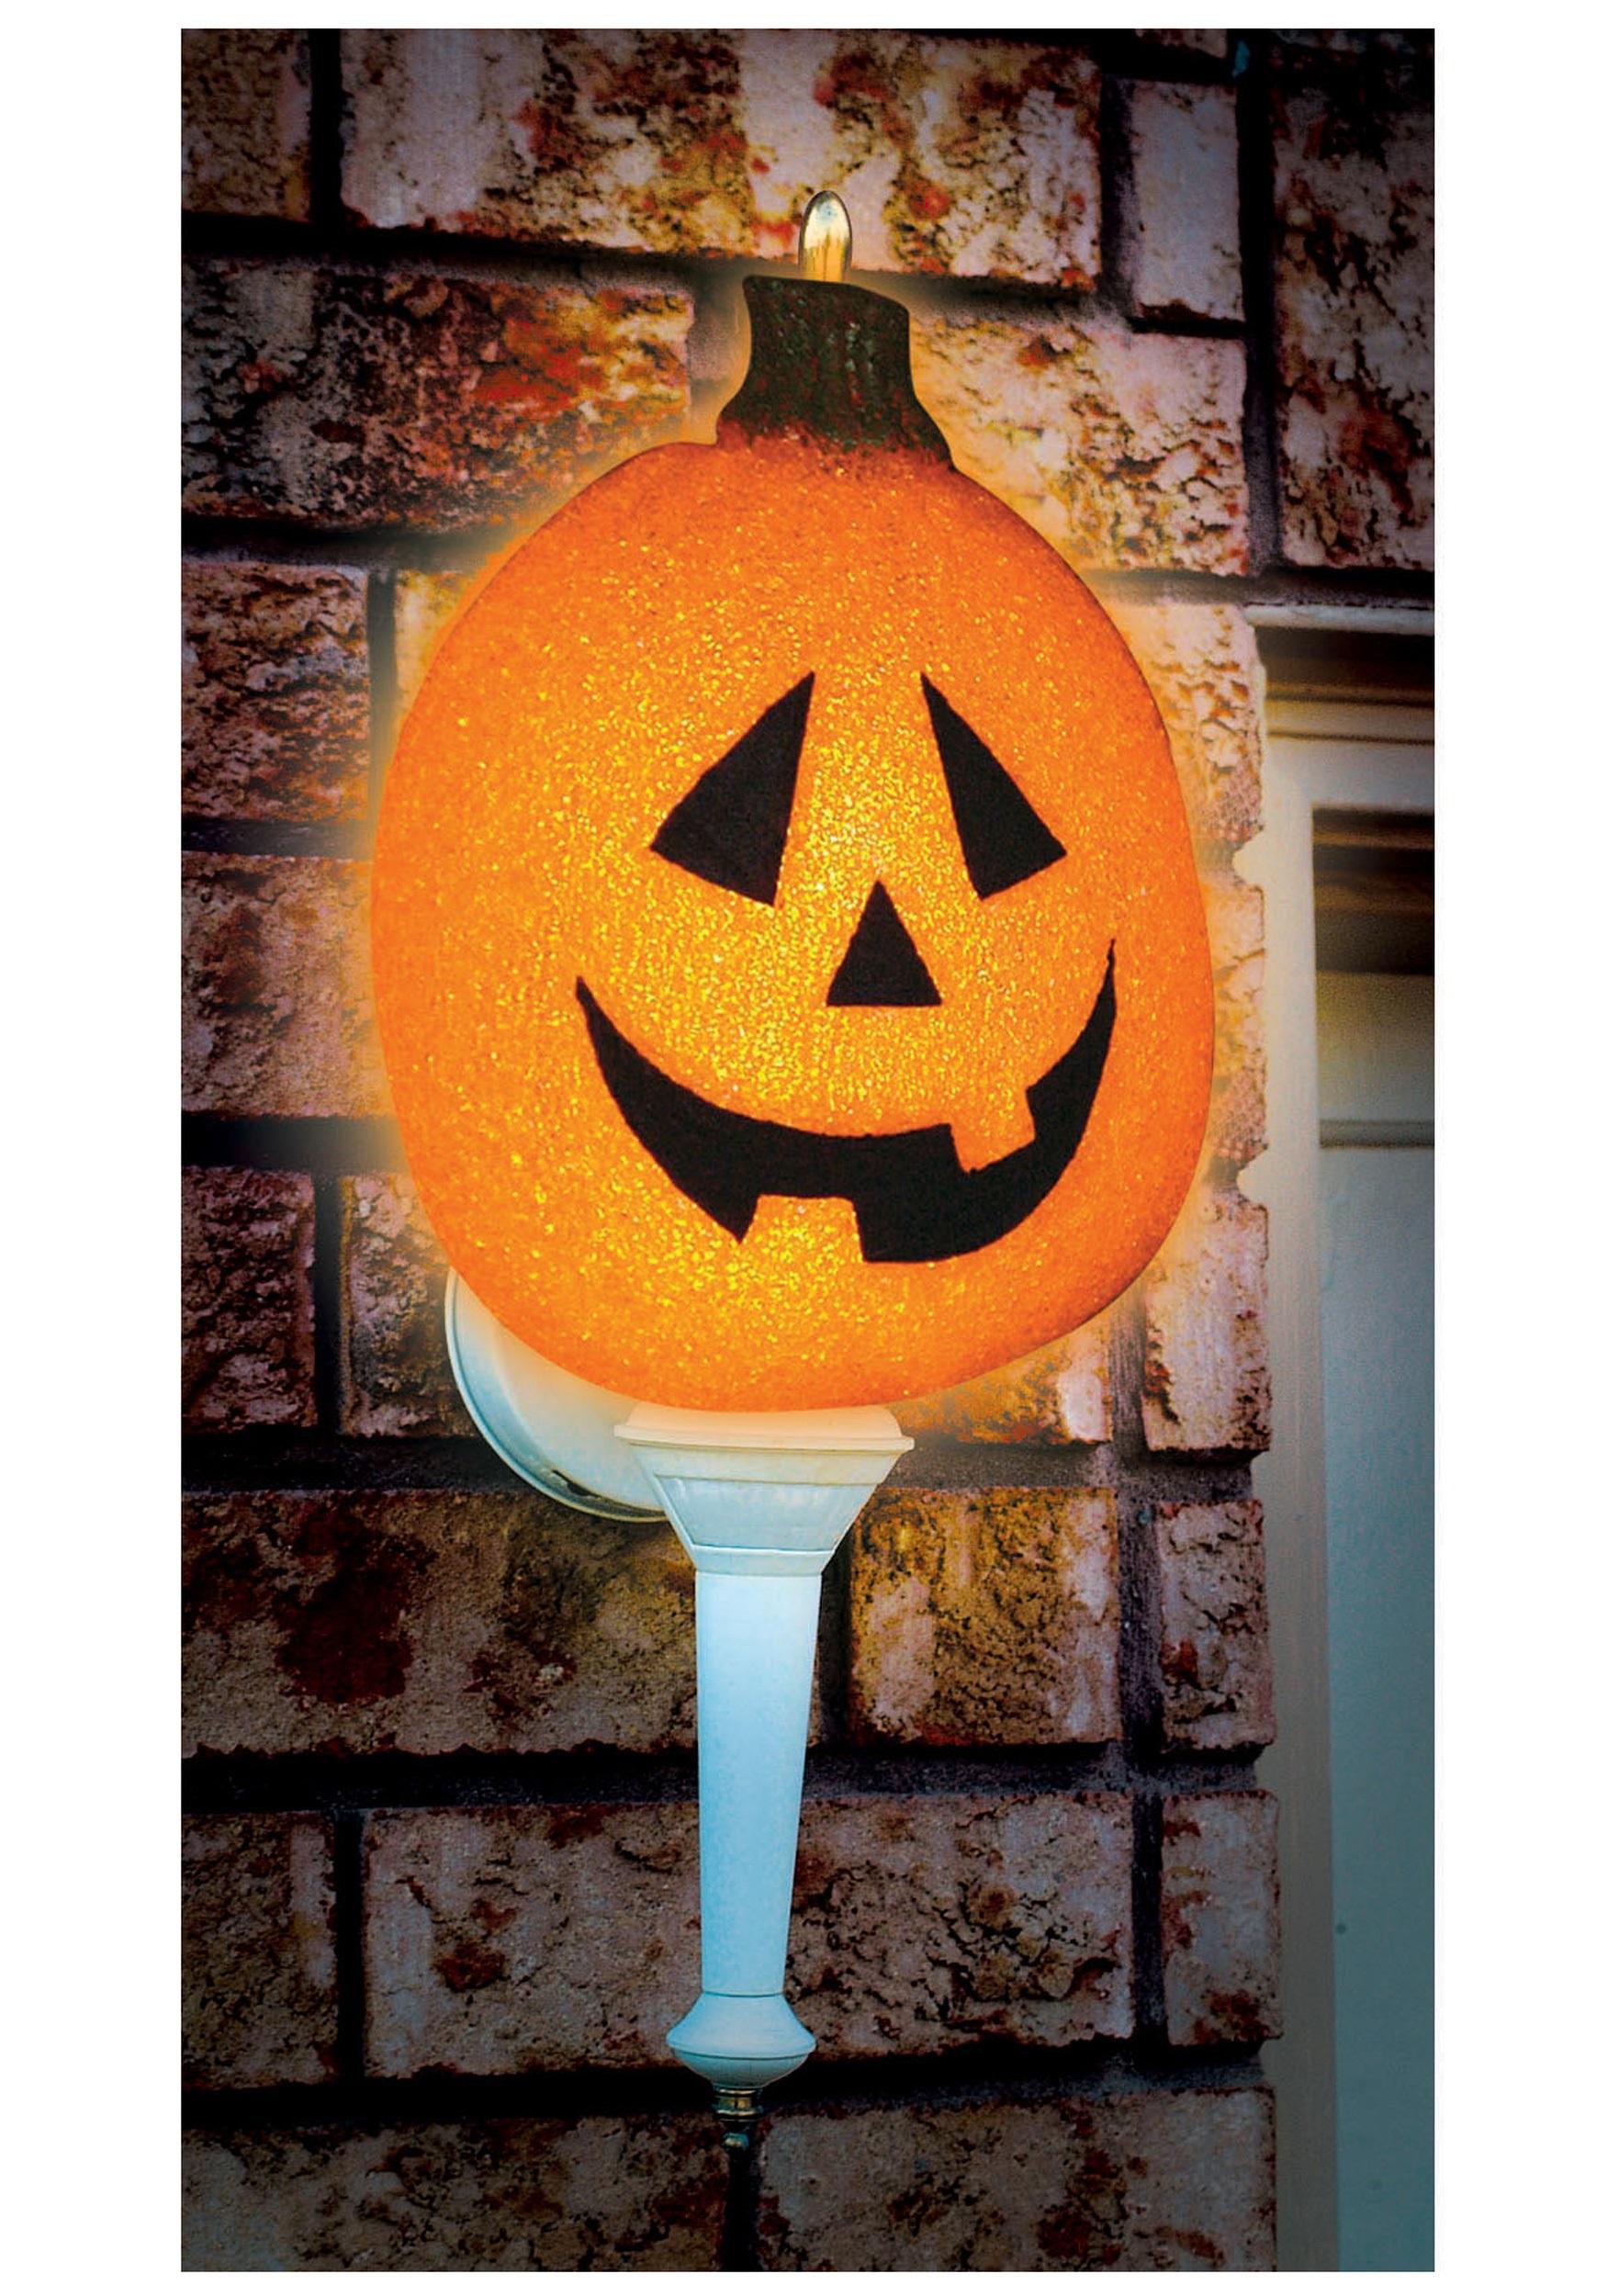 Sparkling Pumpkin Porch Light Cover Outdoor Halloween